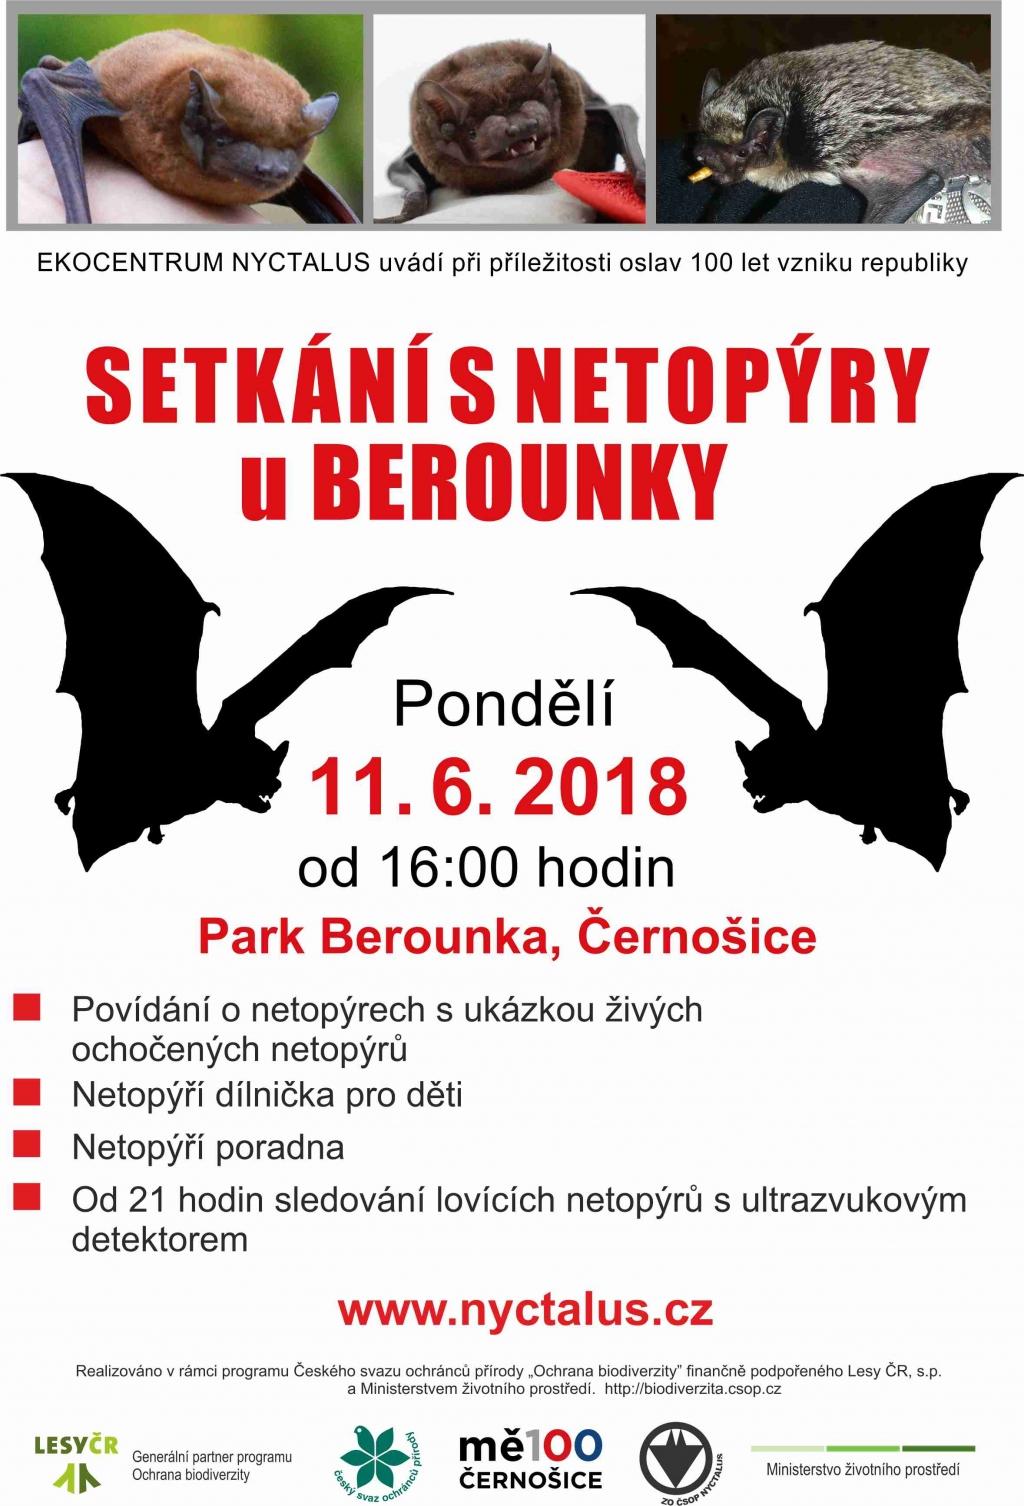 Setkání s netopýry u Berounky